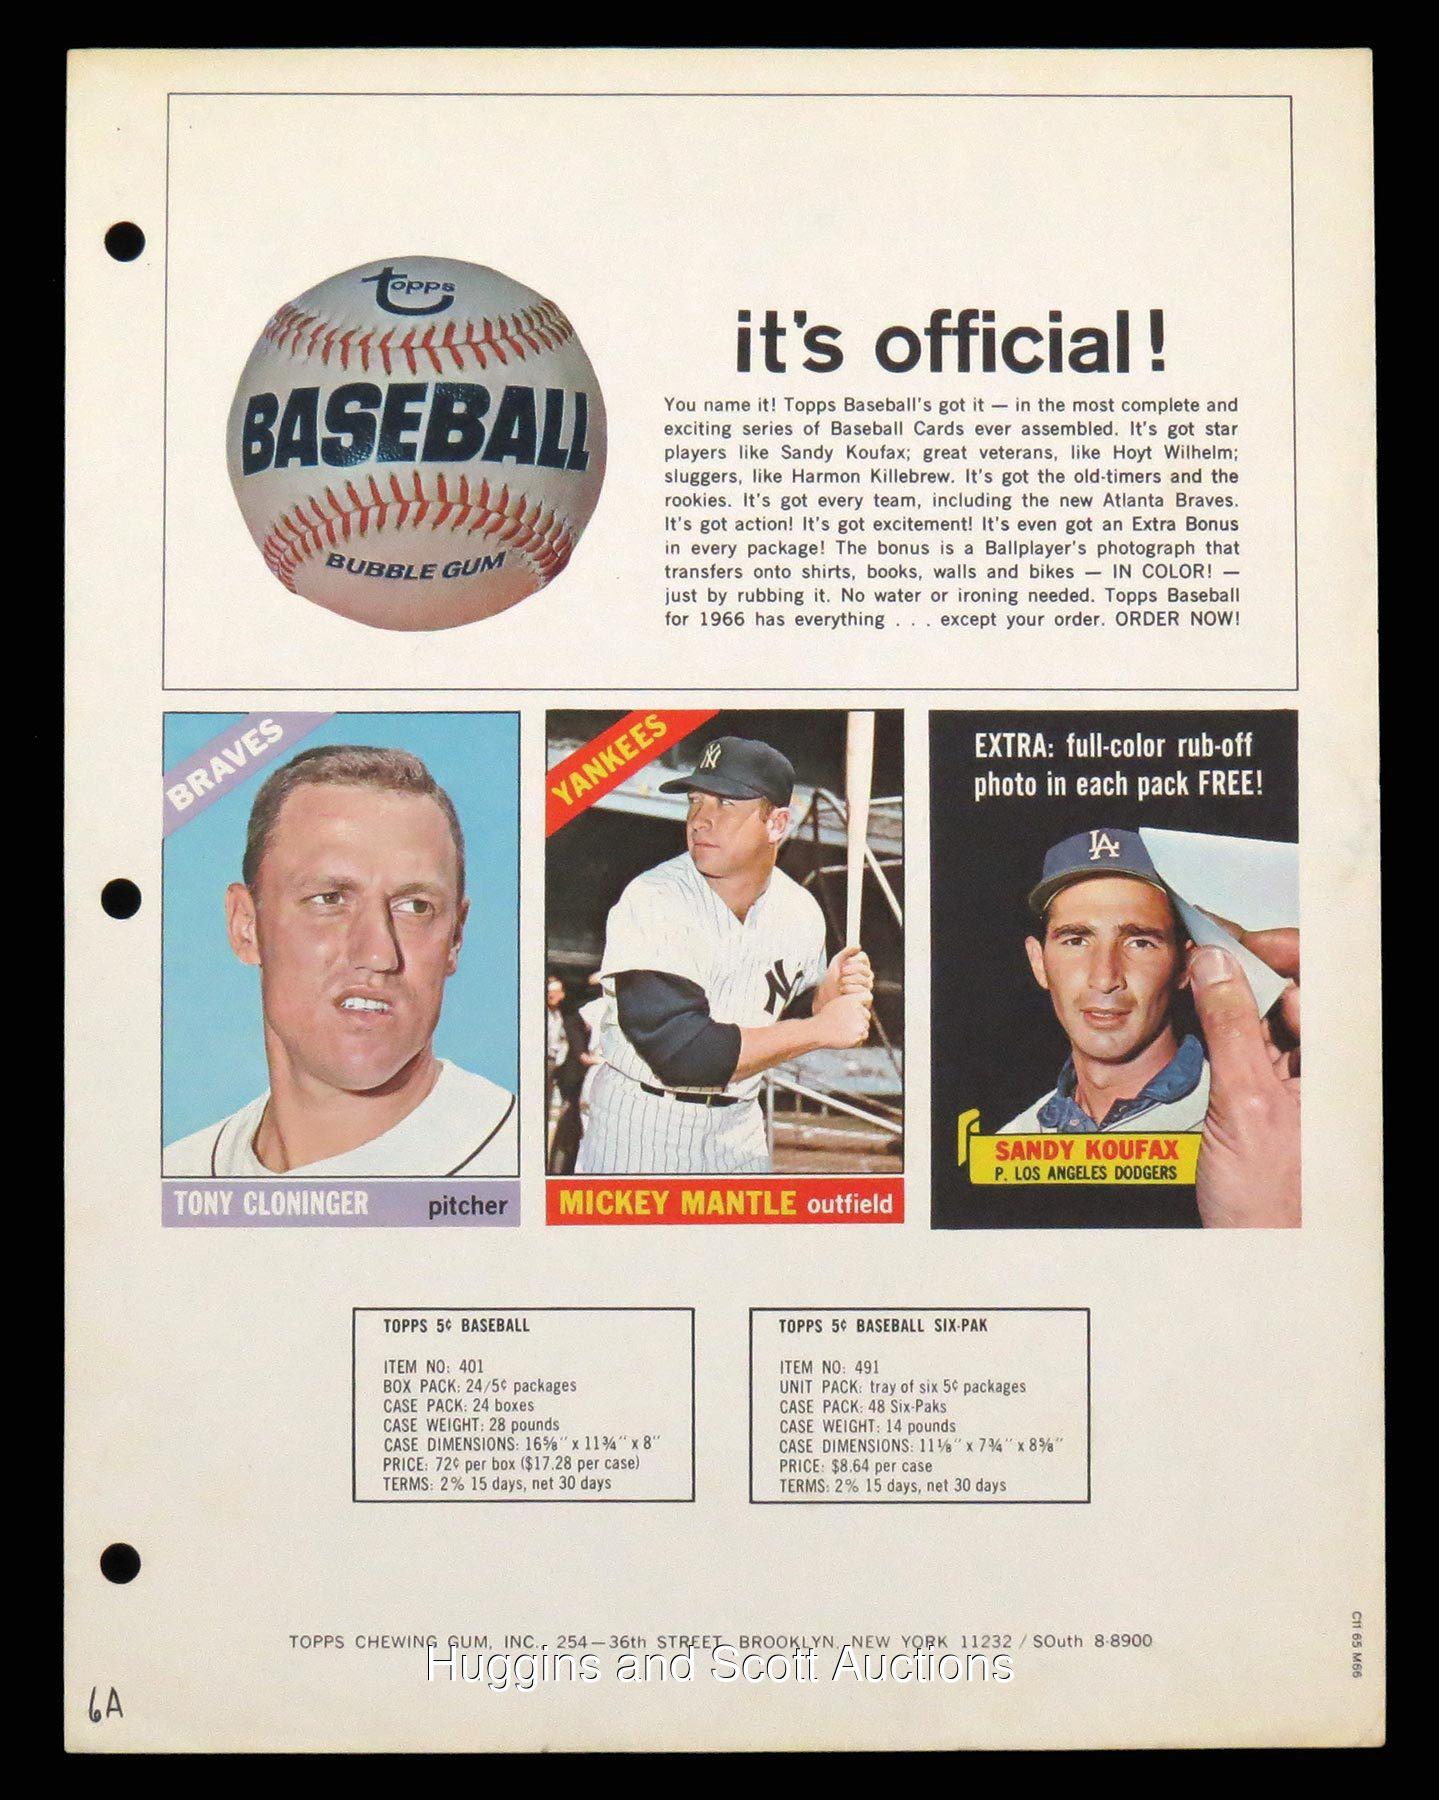 1966 topps flyer